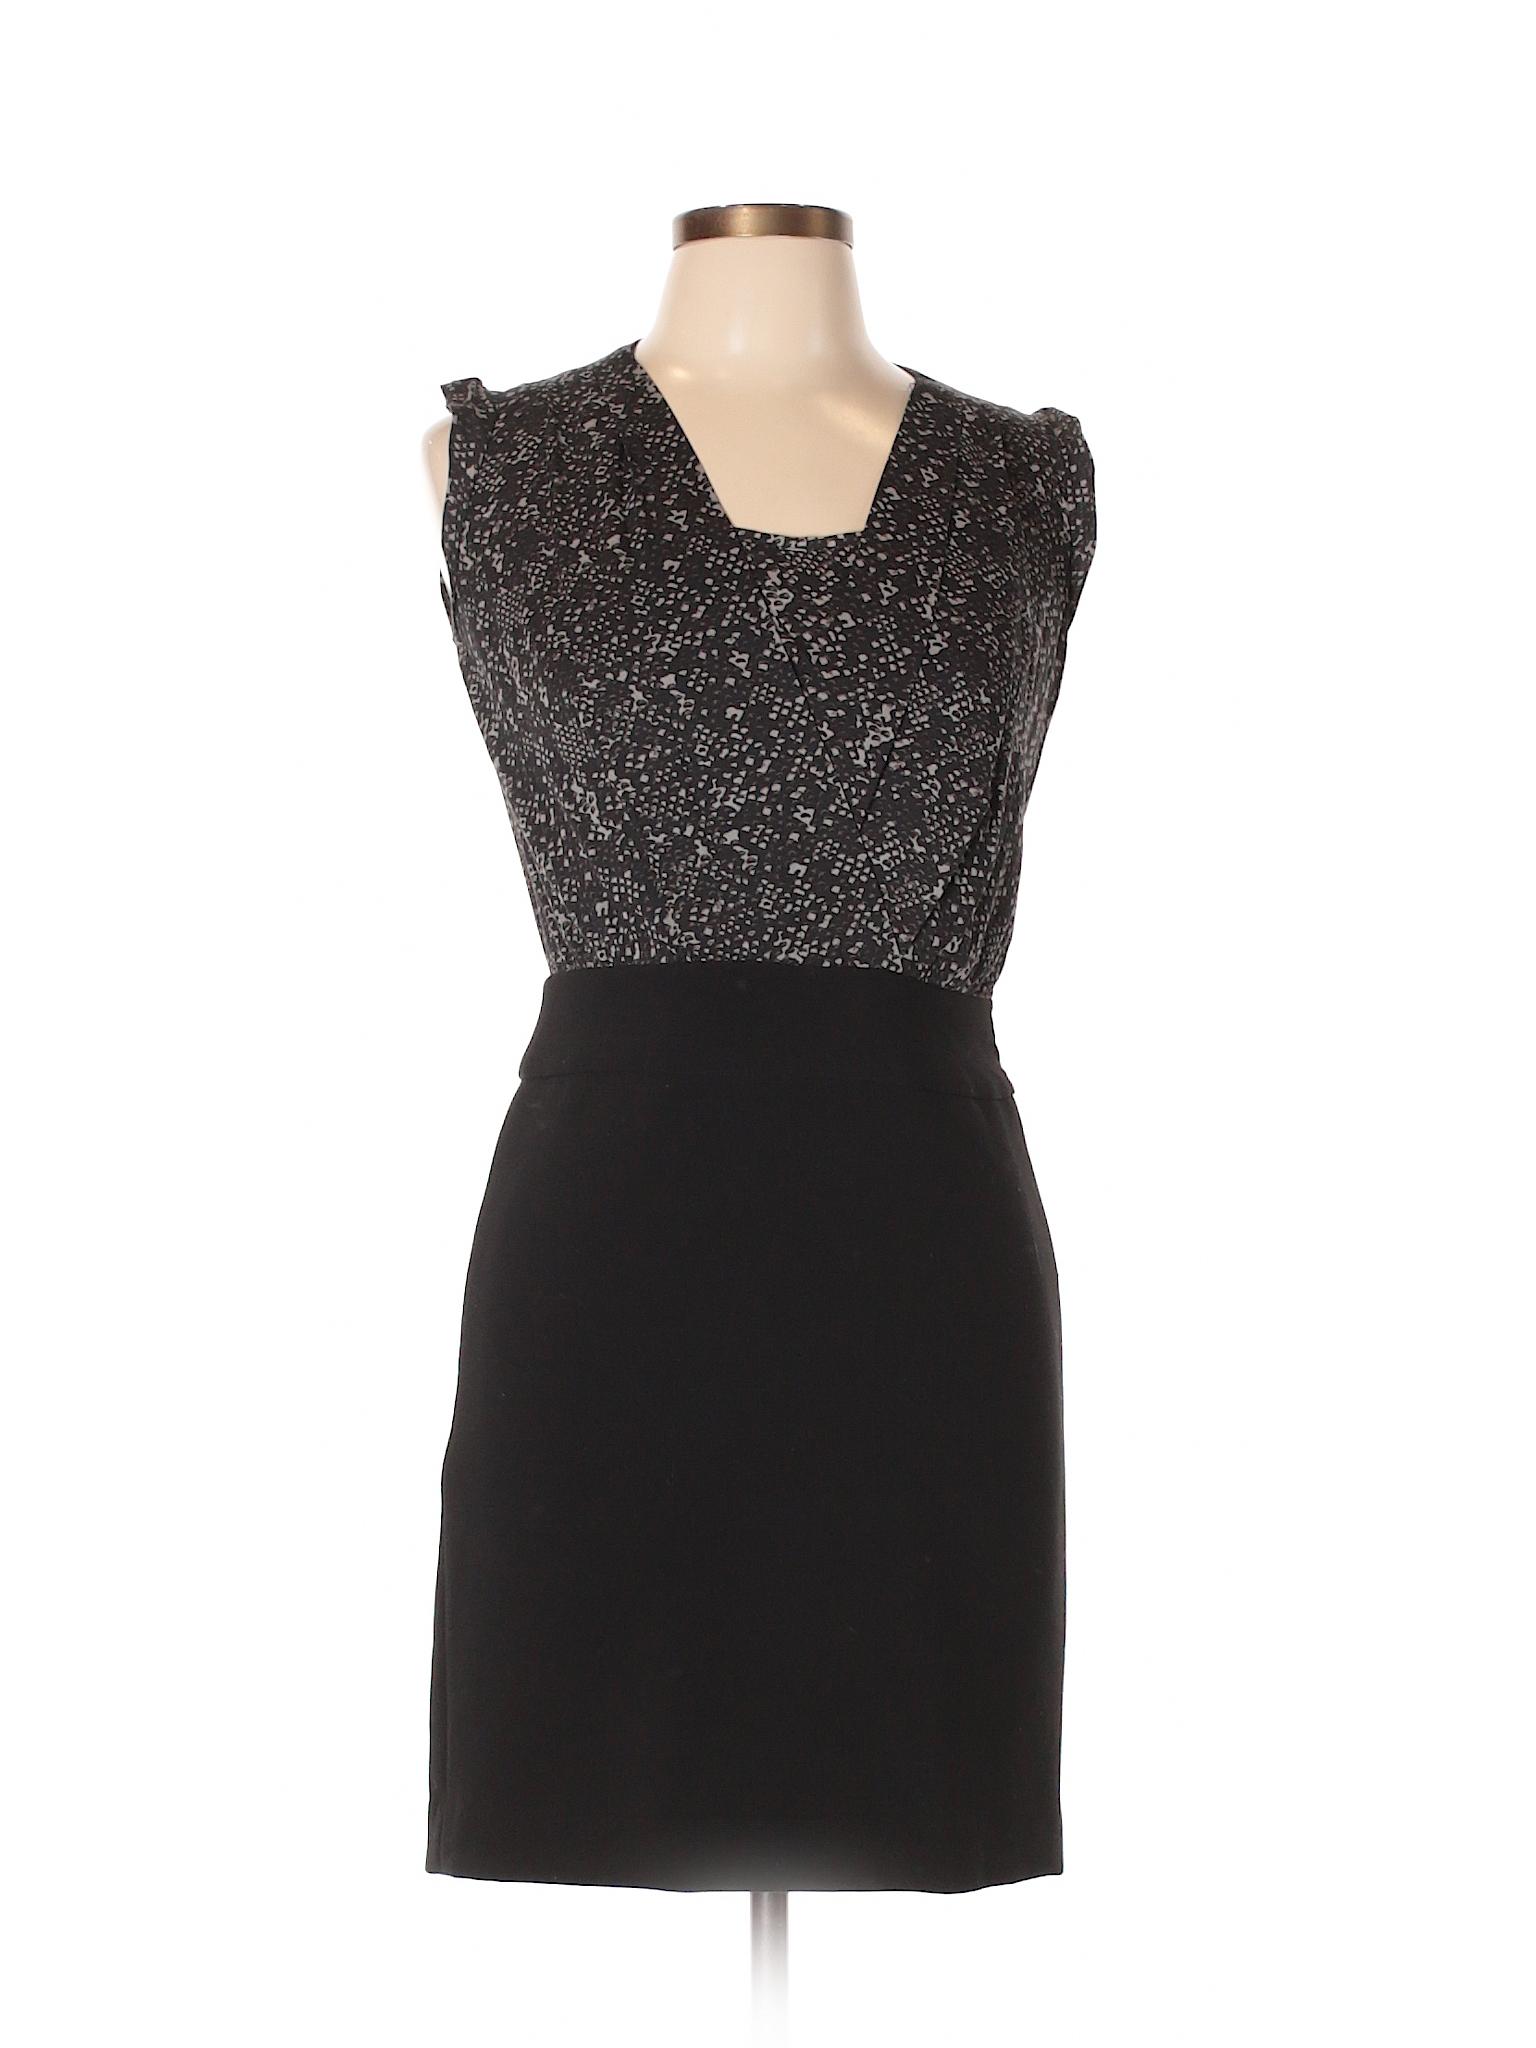 LOFT Boutique Taylor Ann Casual winter Dress qnwp7HC